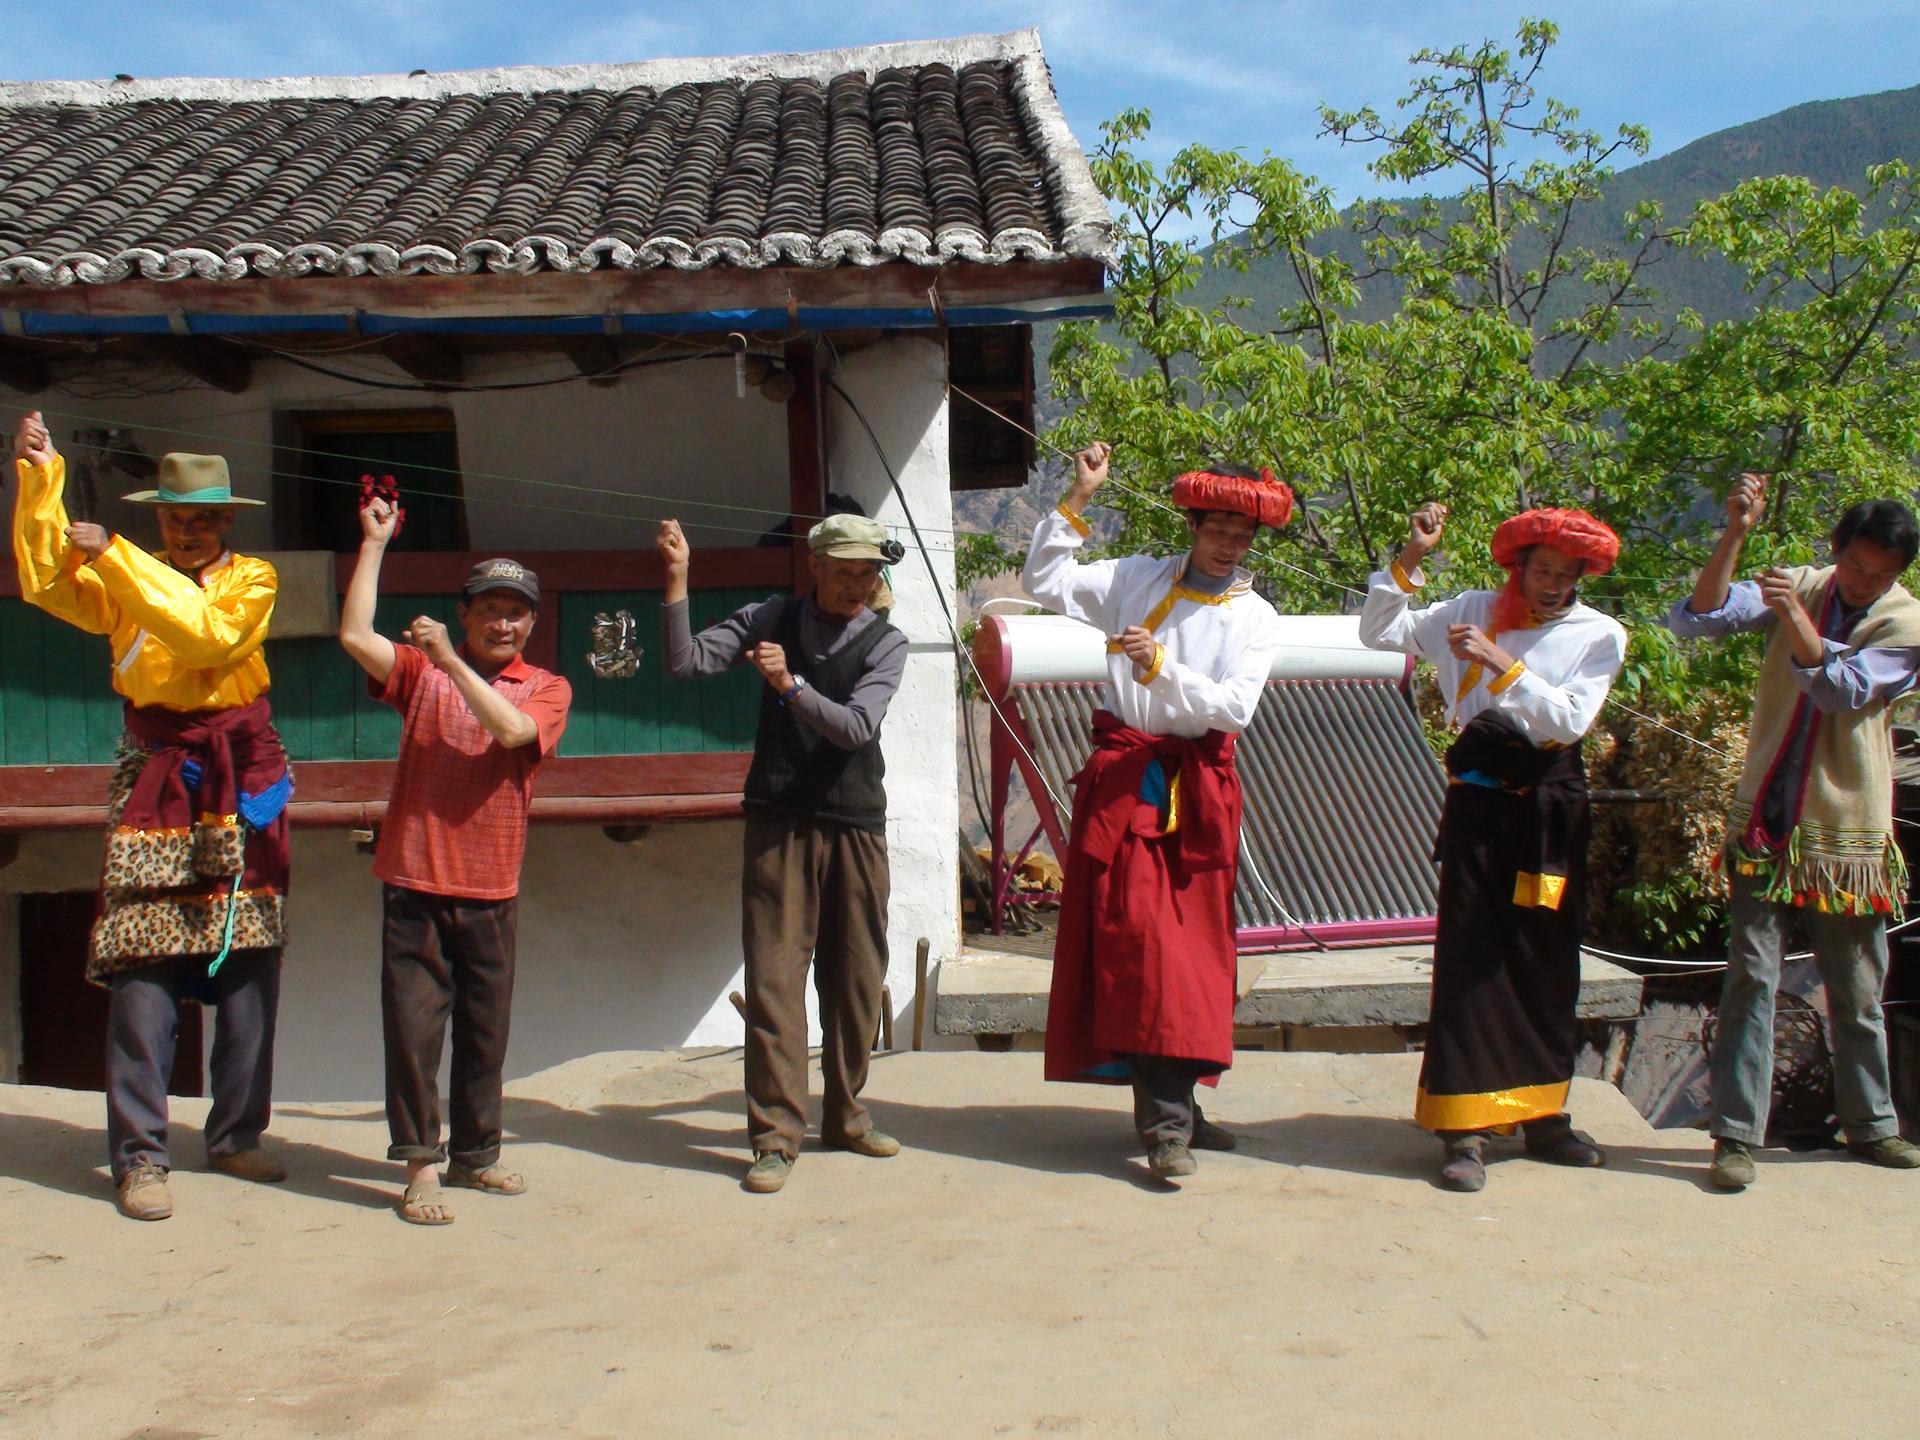 Enregistrement des chansons Lizu de travail aux champs, battage du blé, canton de Kala, comté de Muli, avril 2015 ; photo Wang Dehe (王德和)